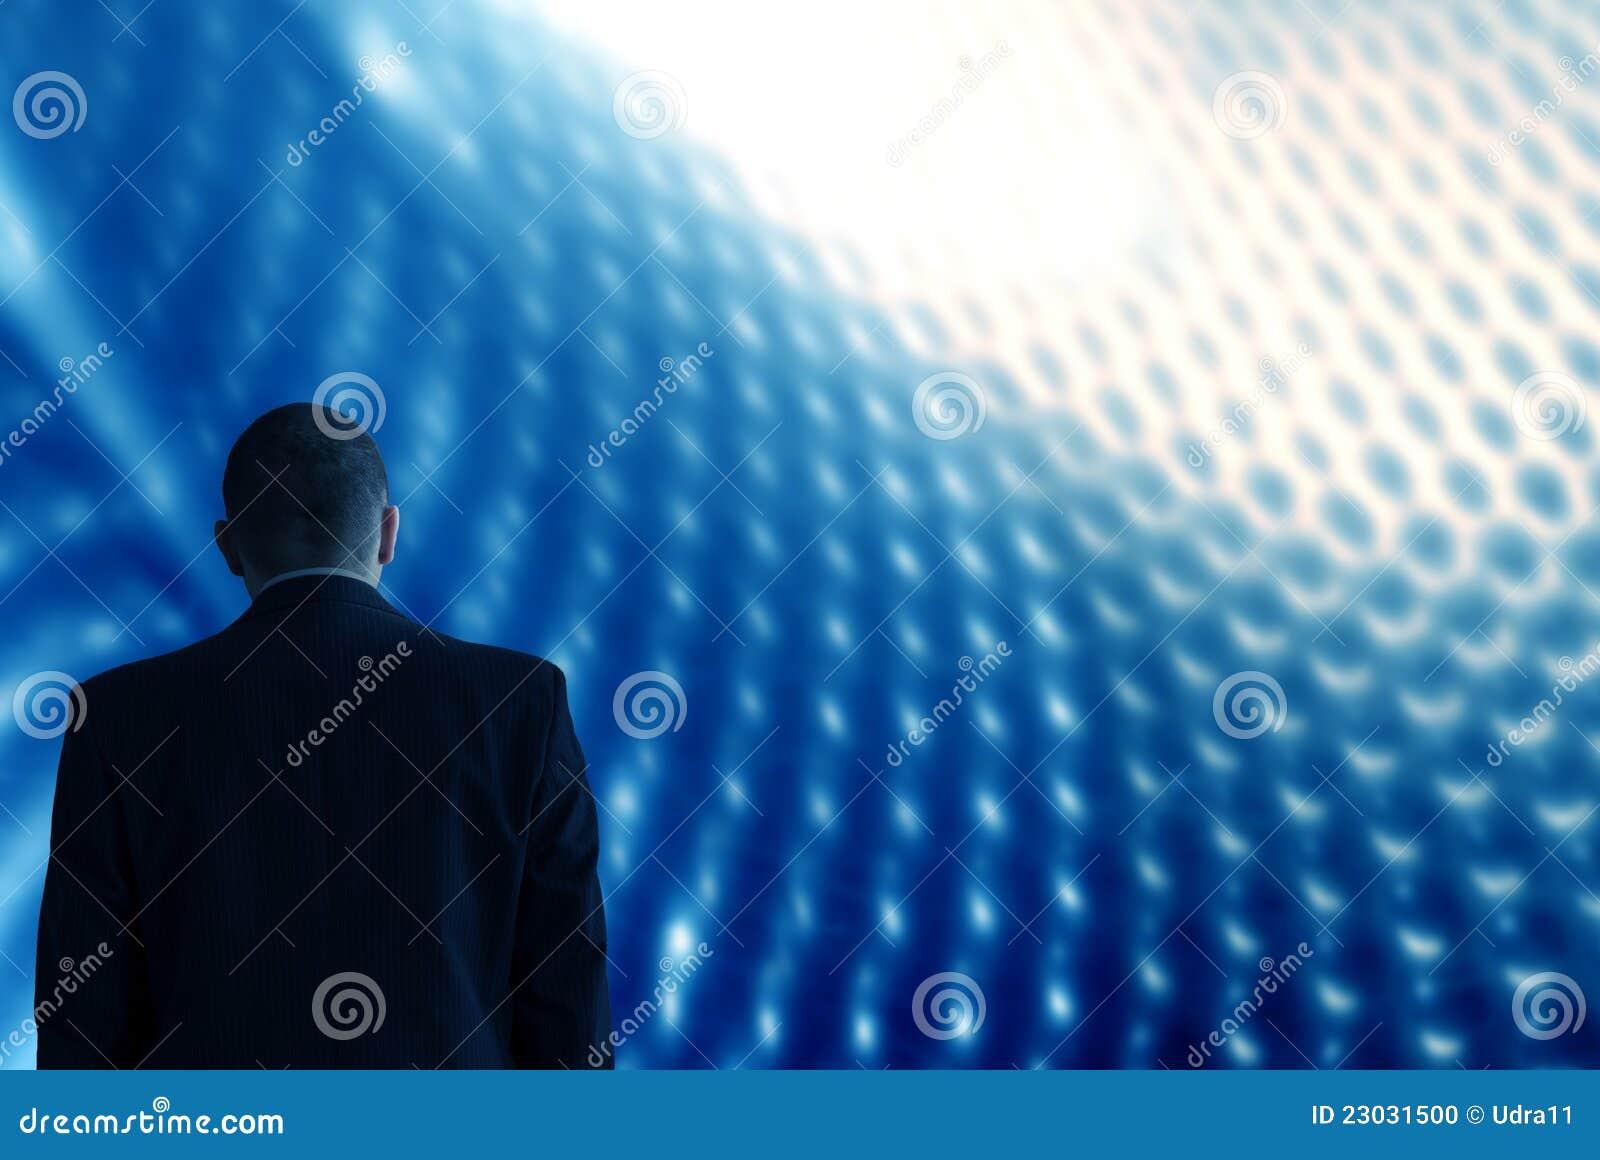 Olhe no azul futuro do fundo da tecnologia